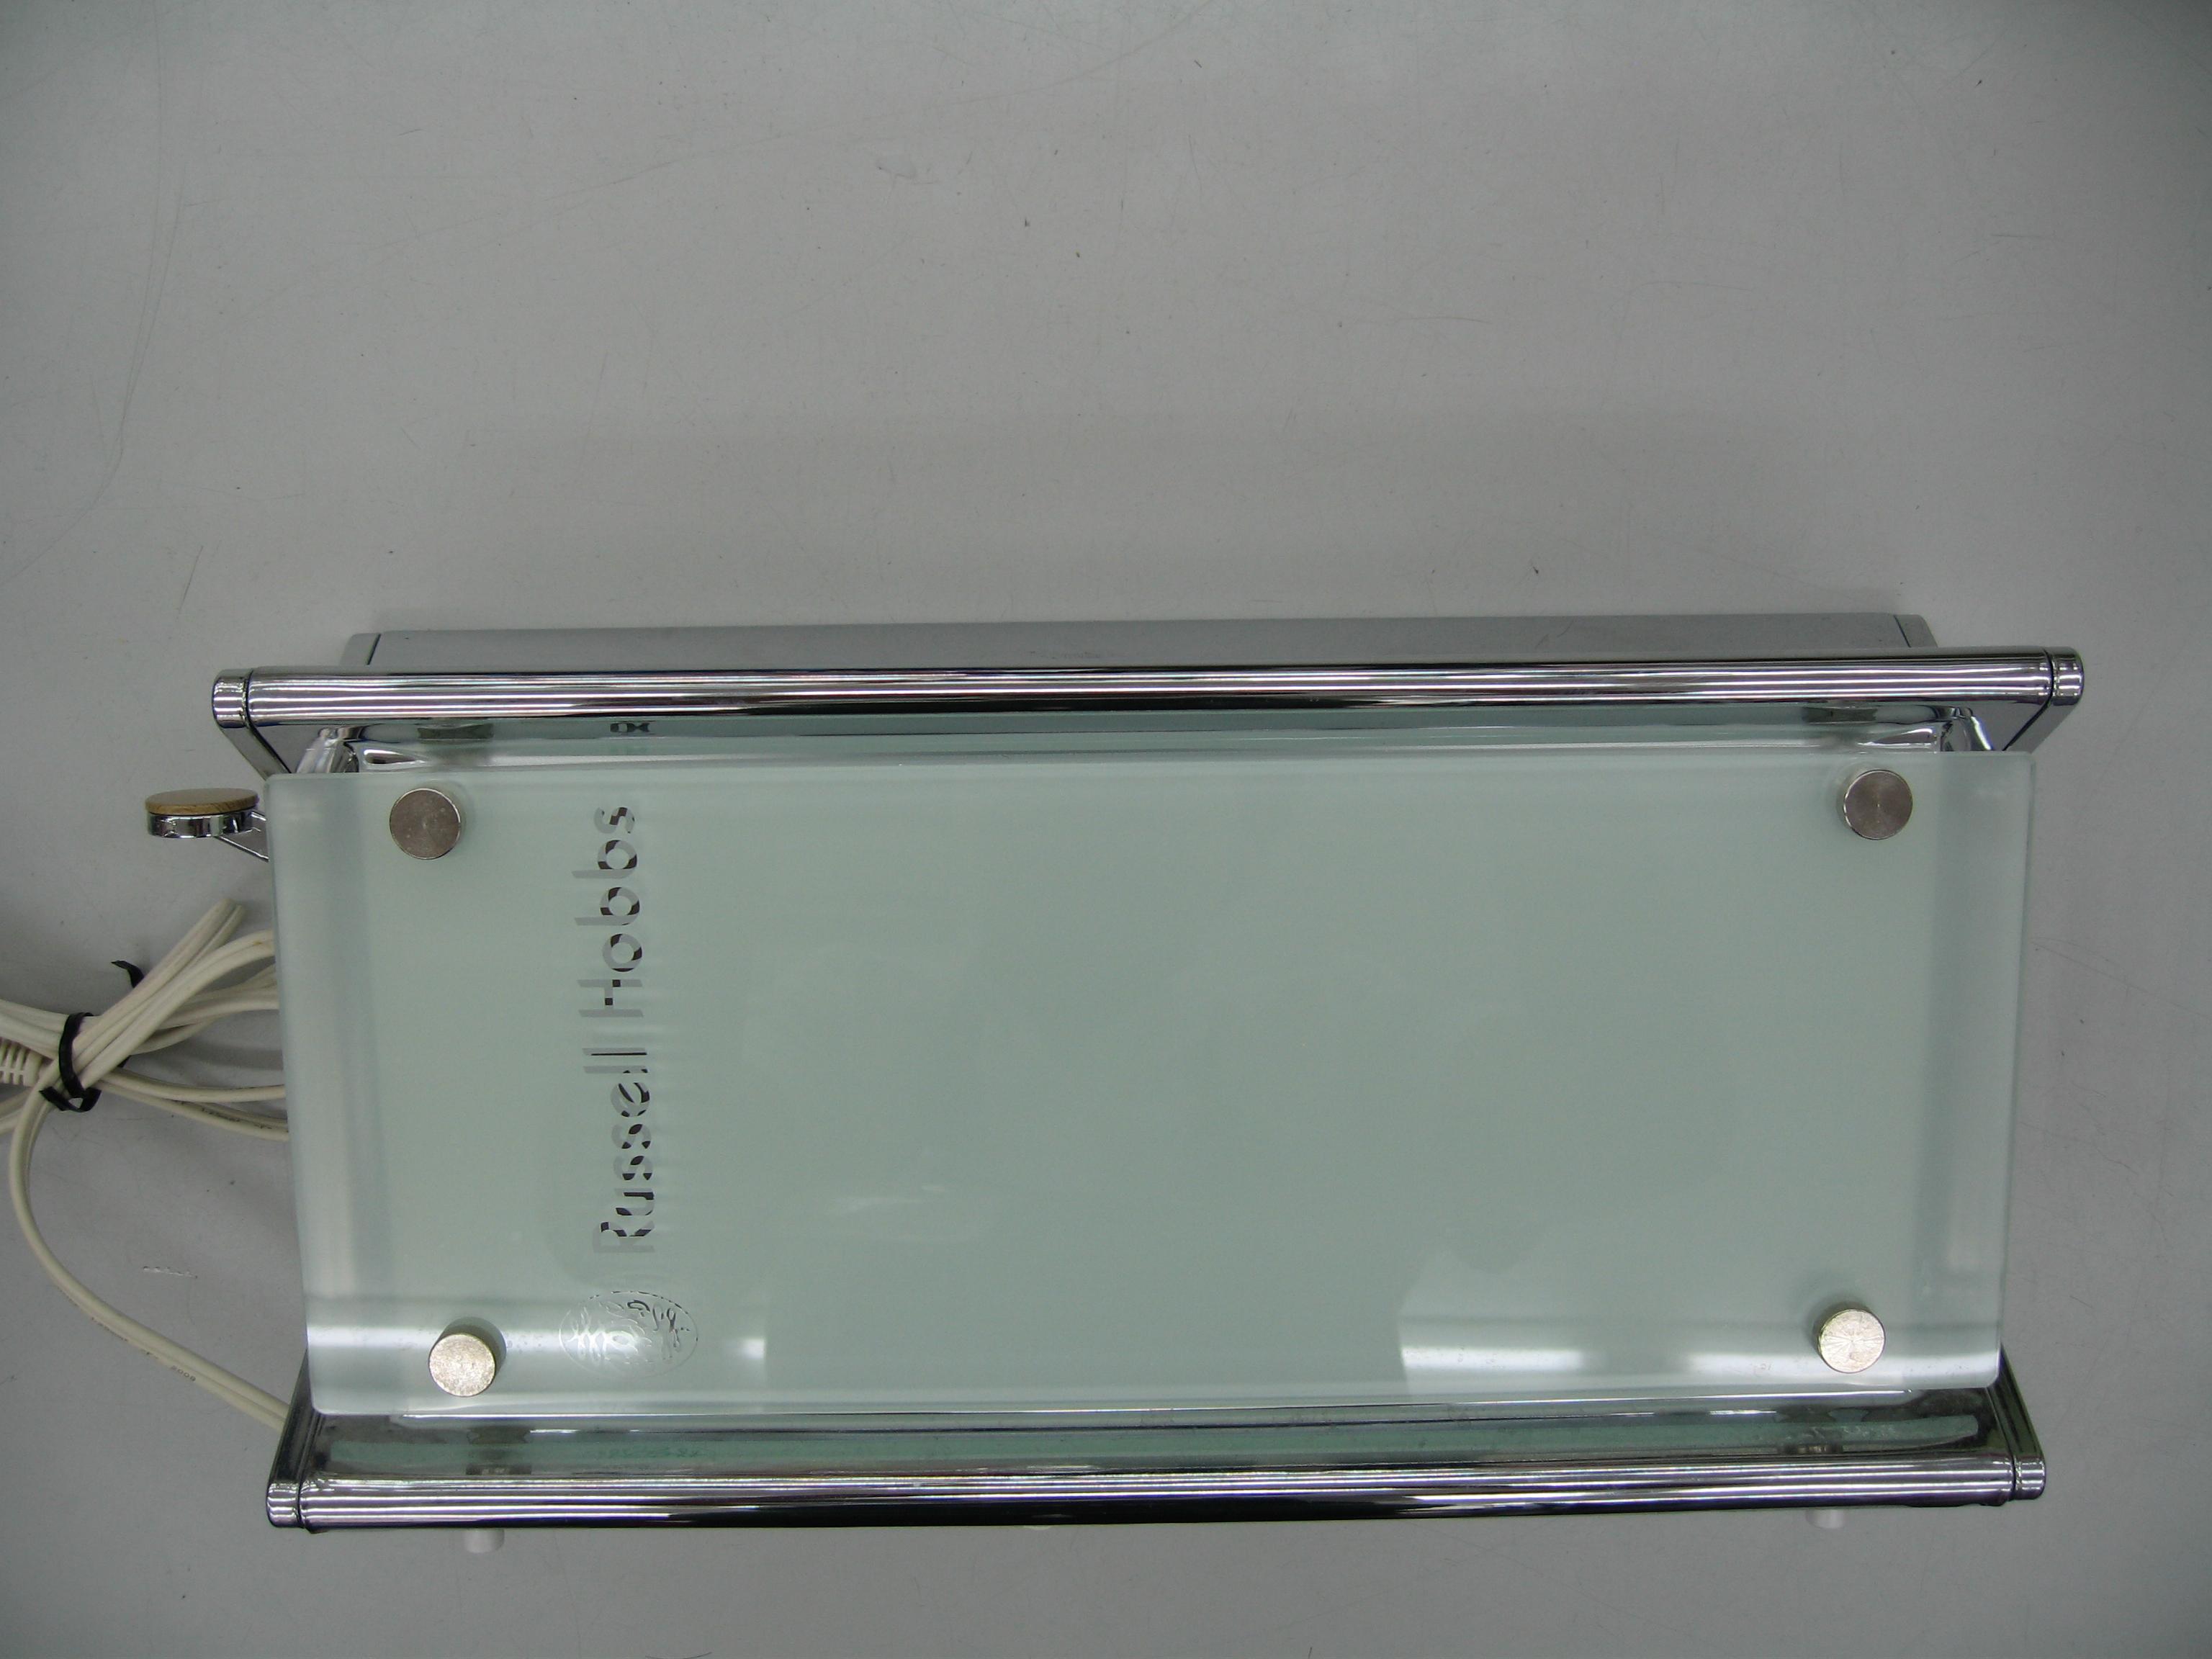 O&Aトースター買取|名古屋リサイクルショップ オフハウス三河安城